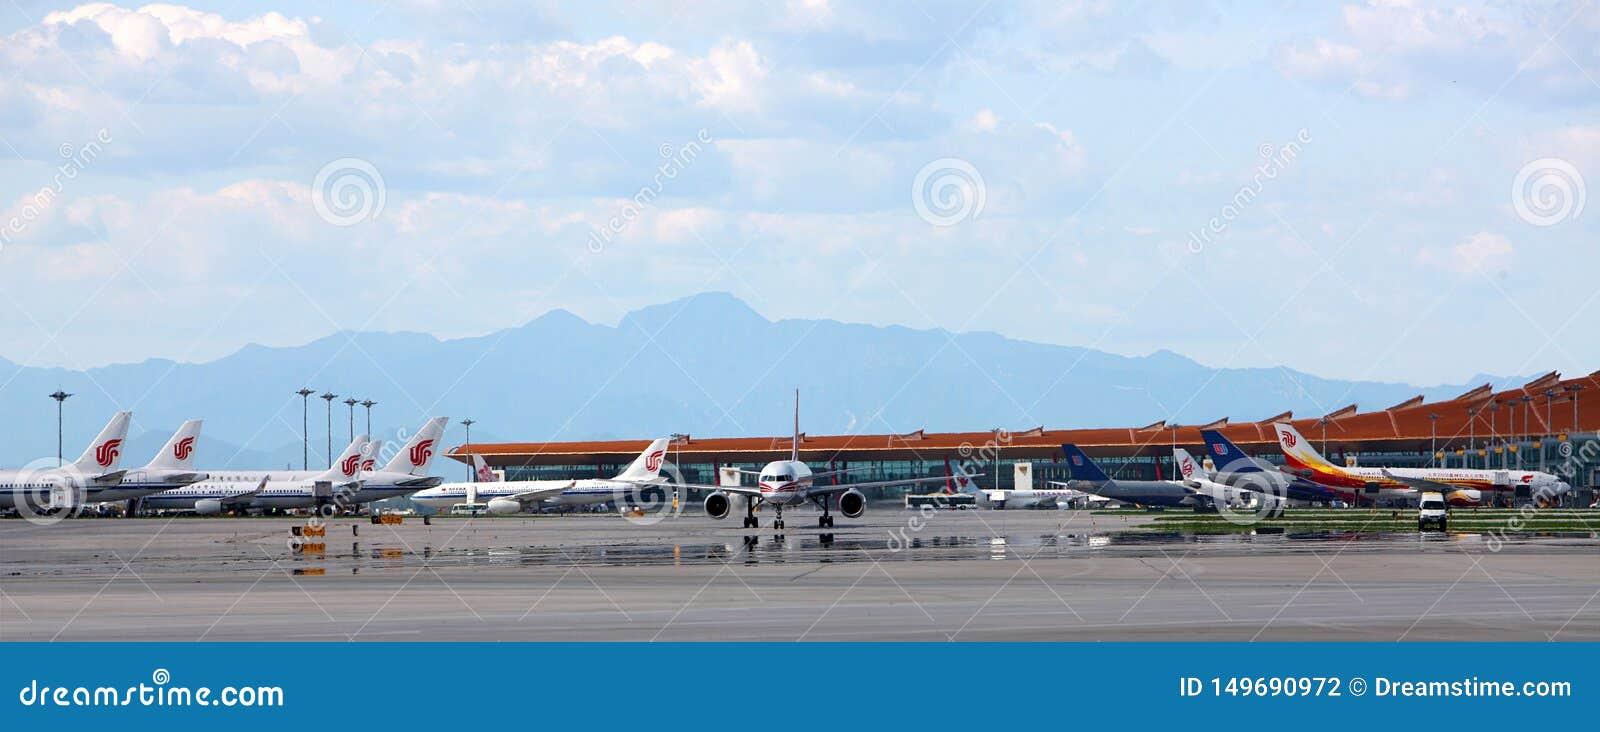 Aeroporto del capitale della Cina Pechino